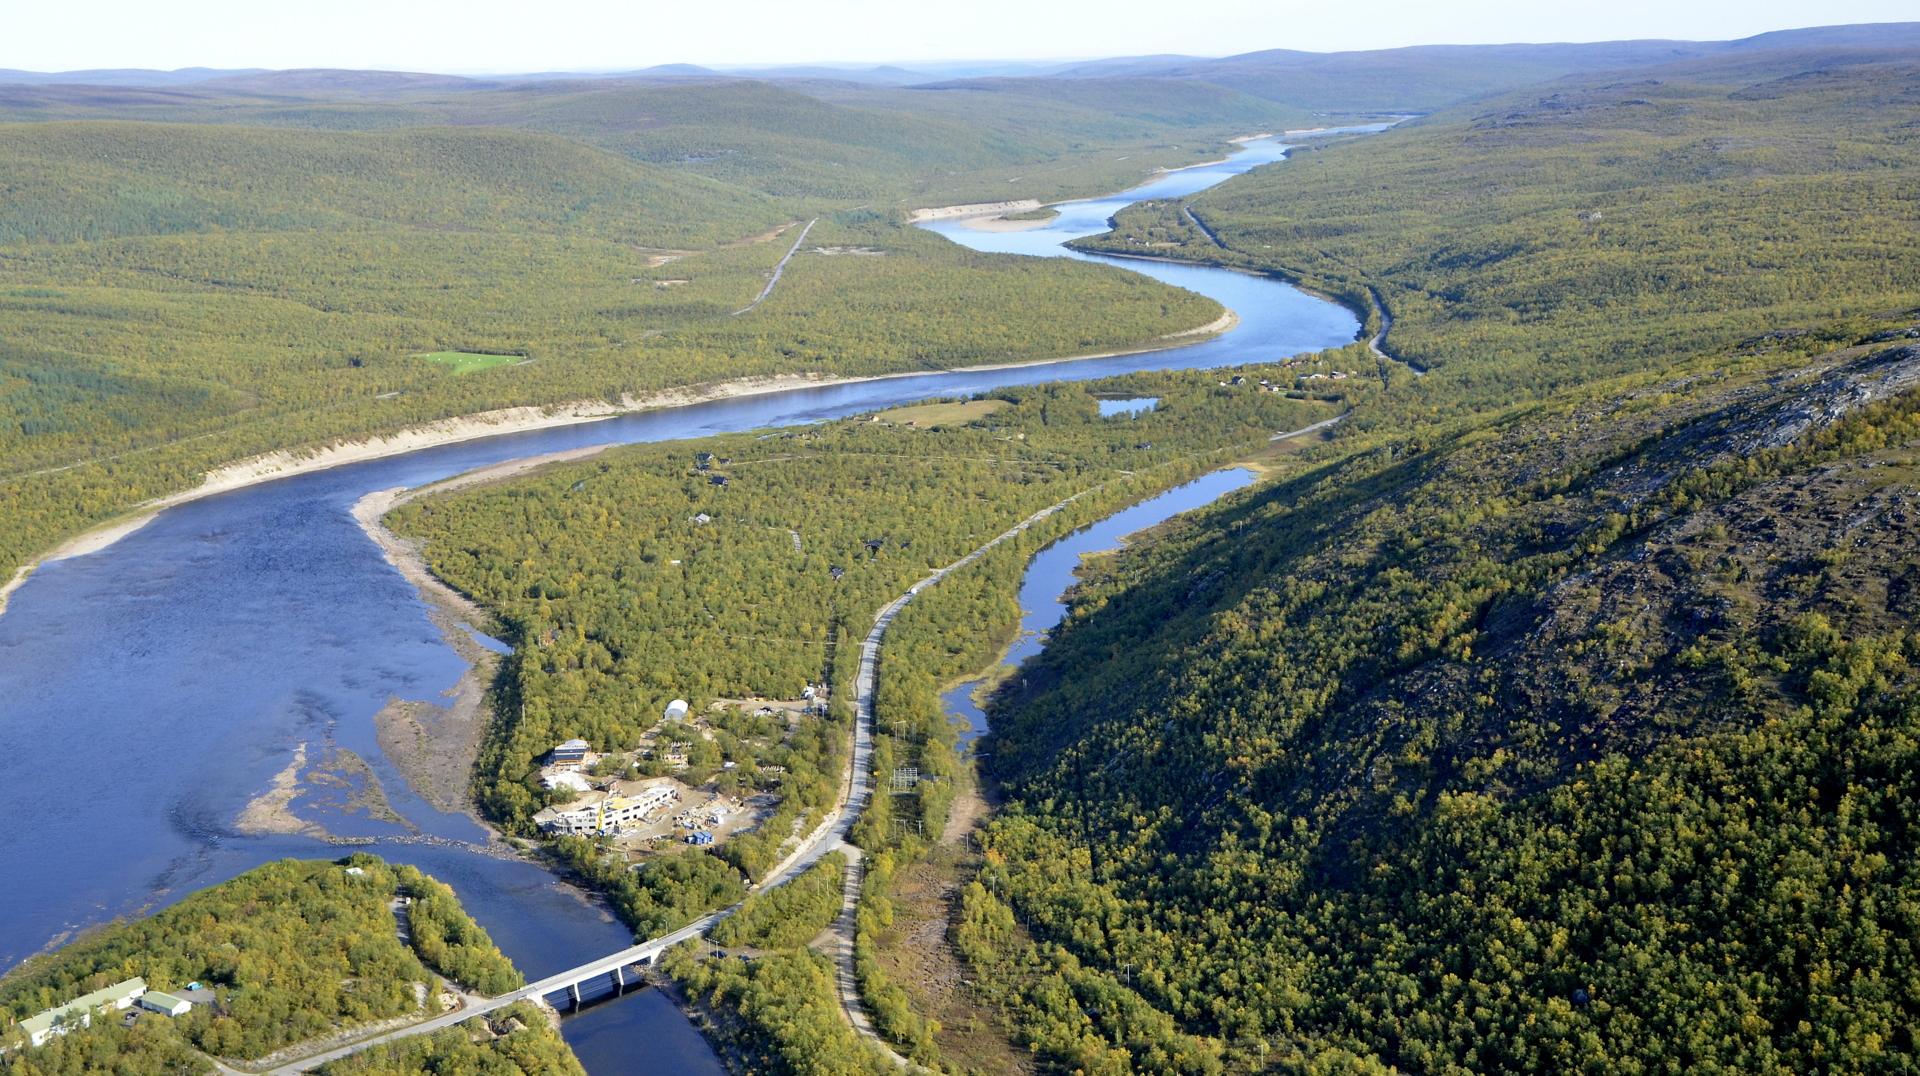 Uutta hotellia rakennetaan joen penkalle, Nuorgamin tien viereen.